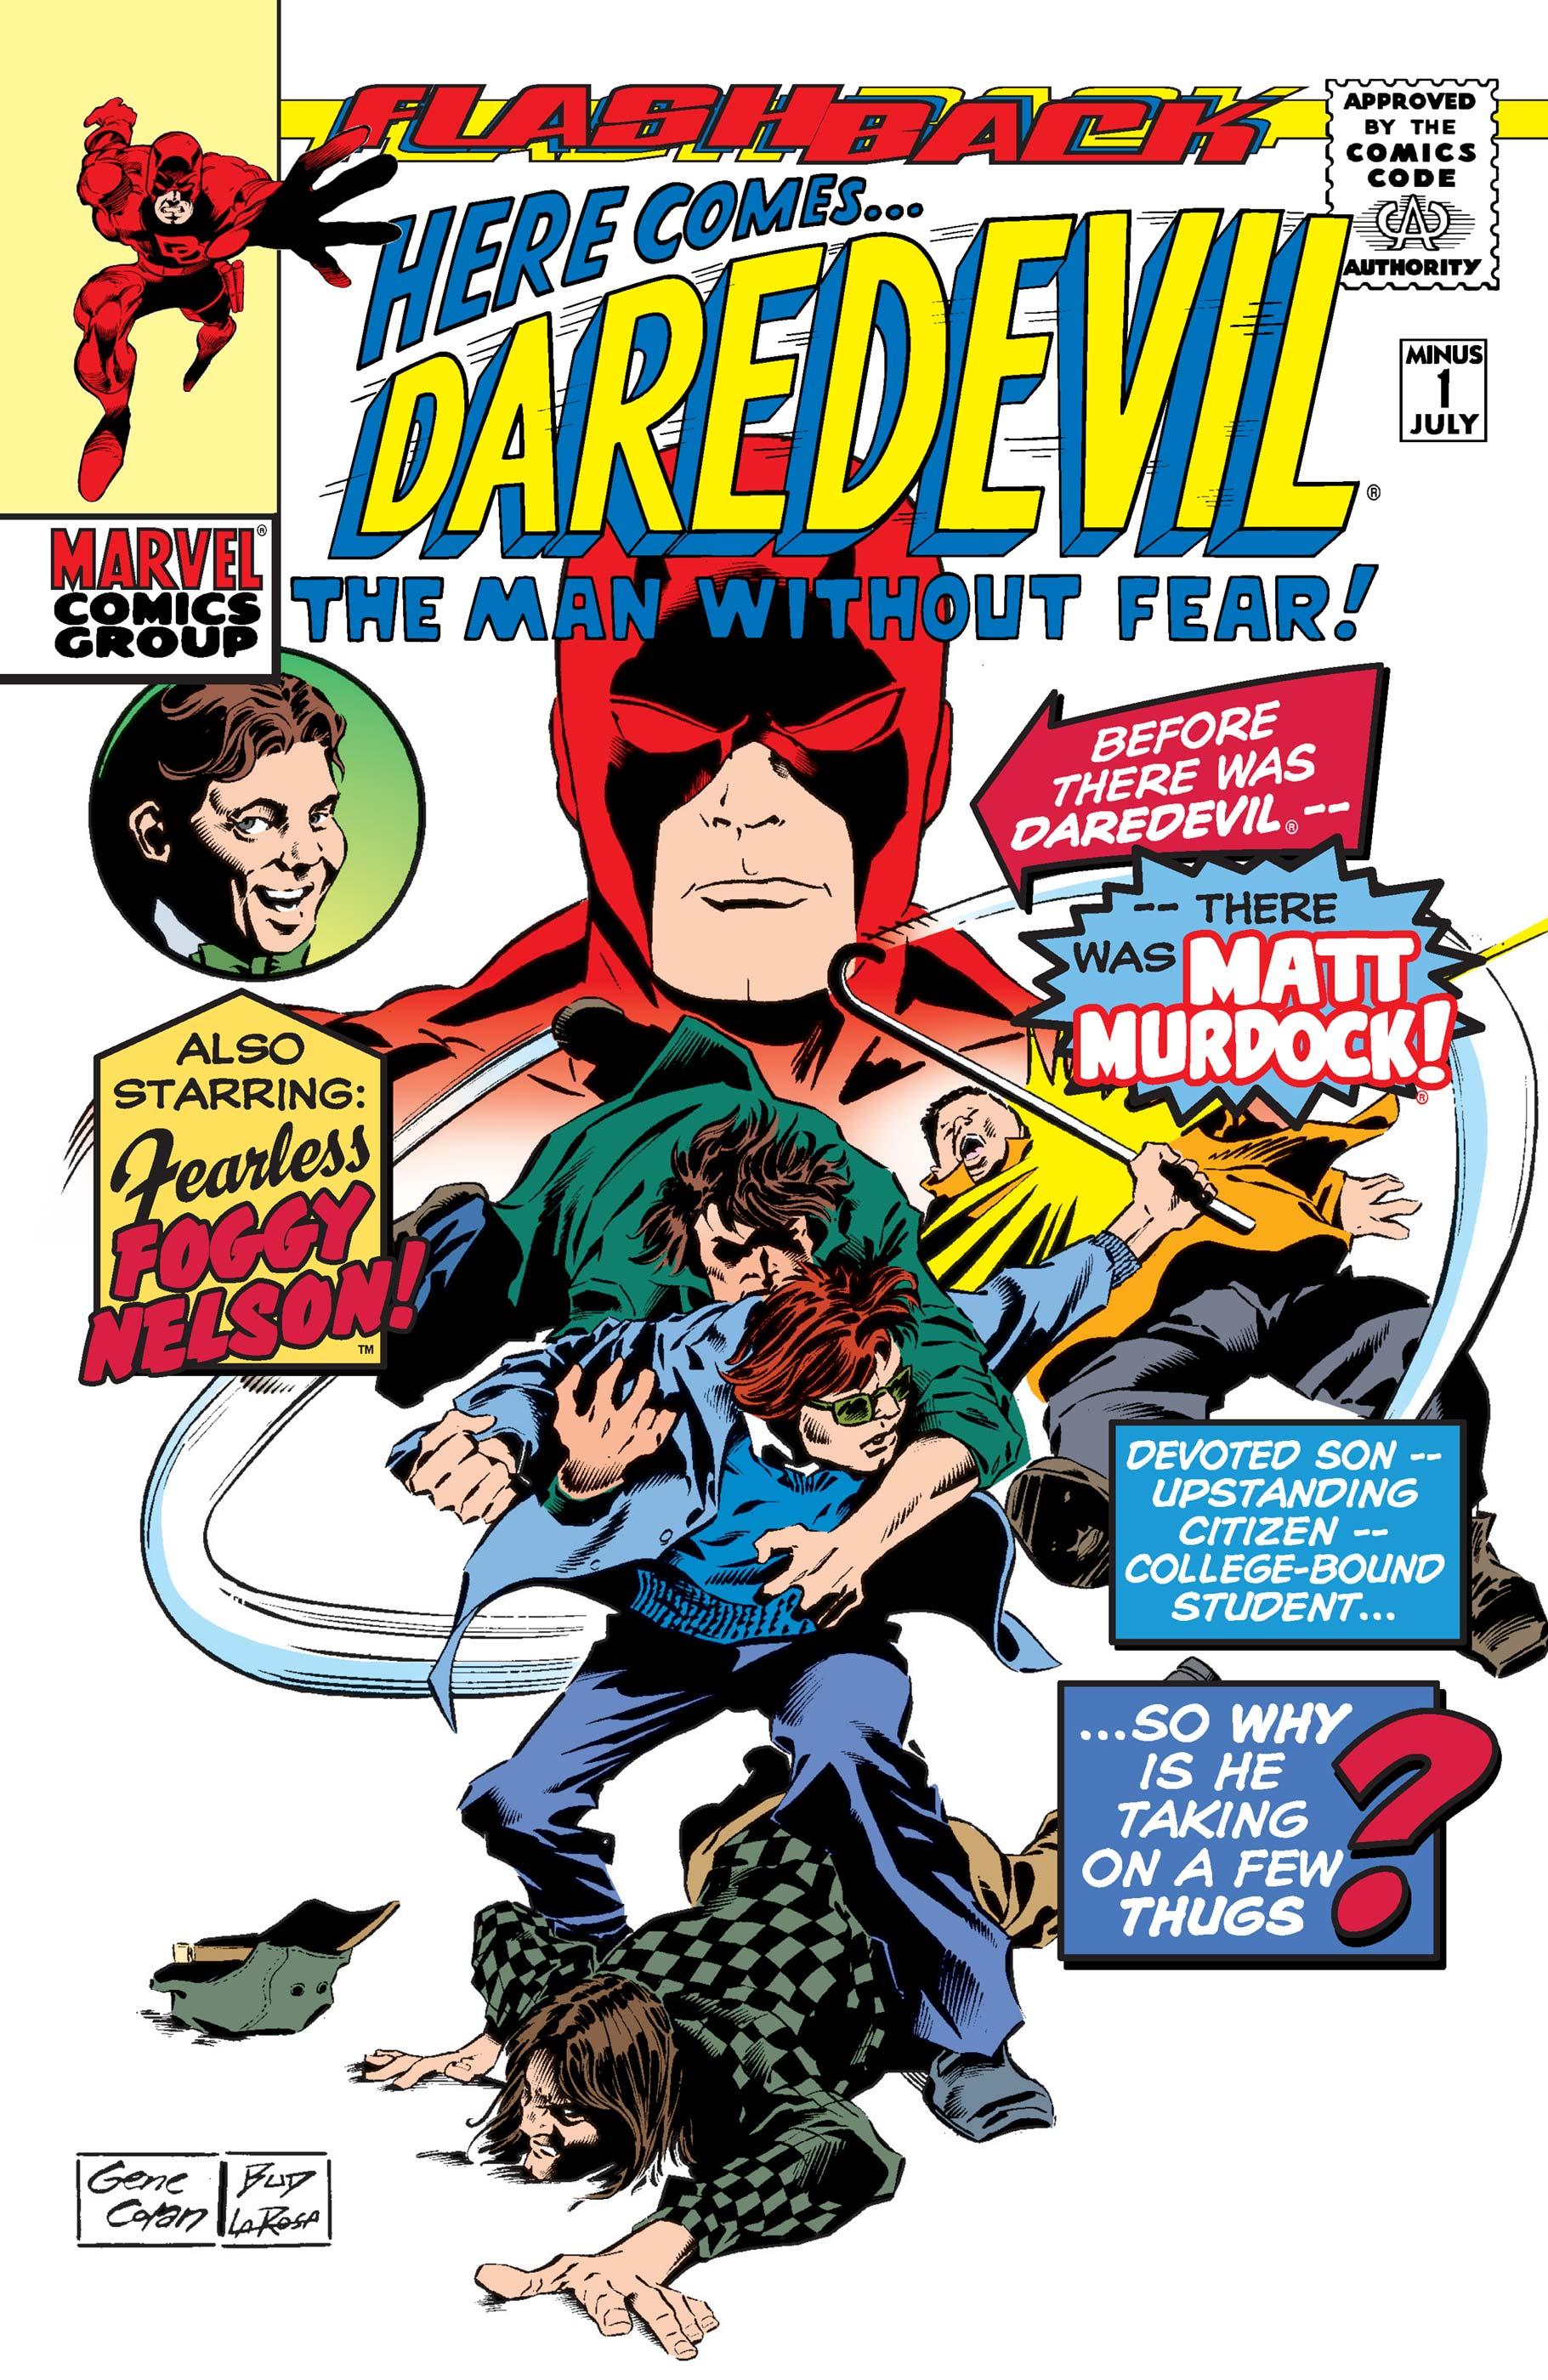 Daredevil (1964) #-1